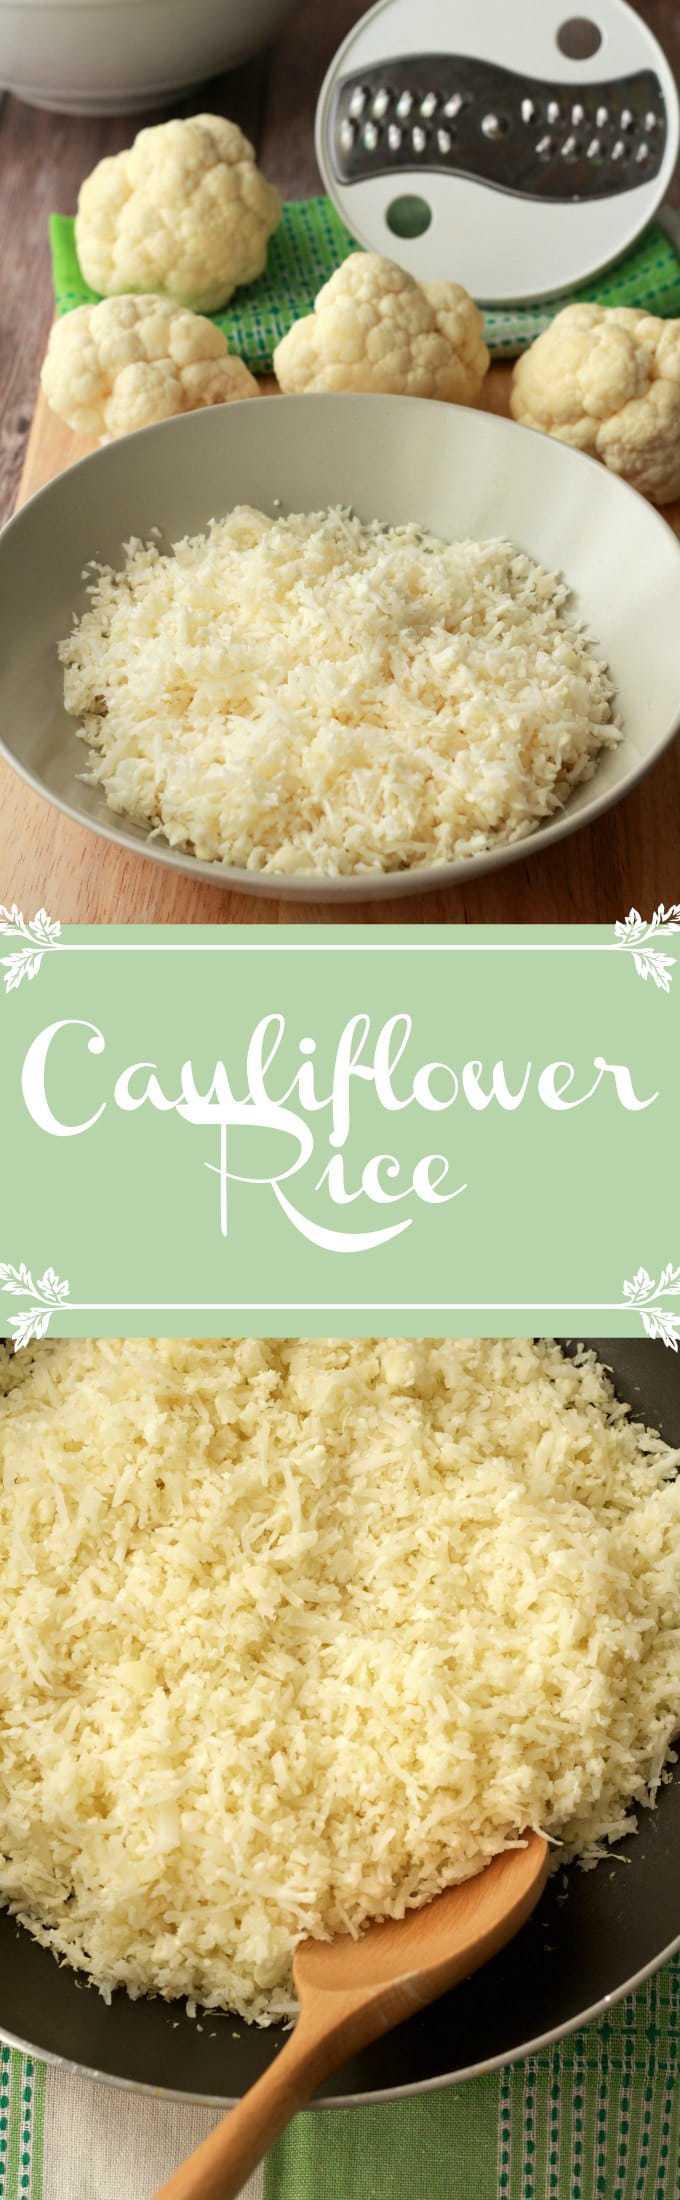 How to make cauliflower rice #vegan #lovingitvegan #glutenfree #howto